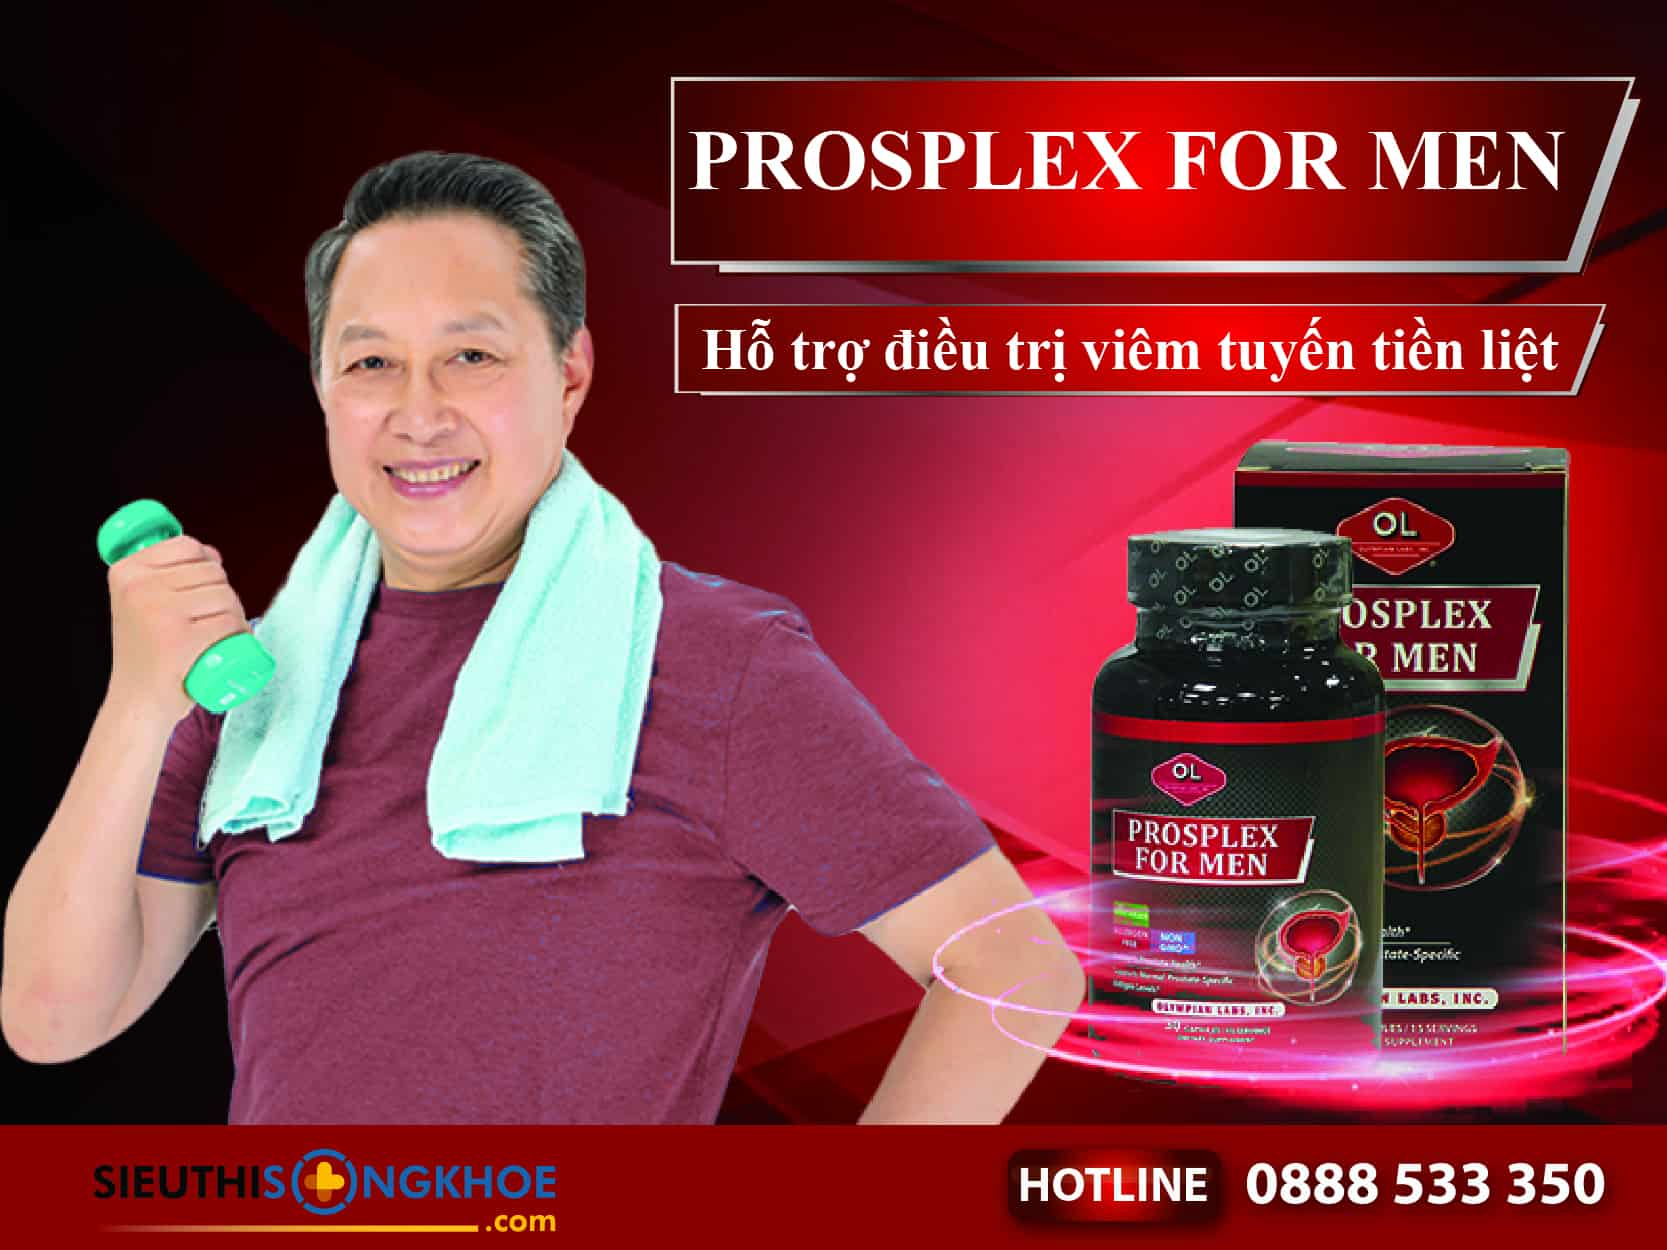 prosplex for men